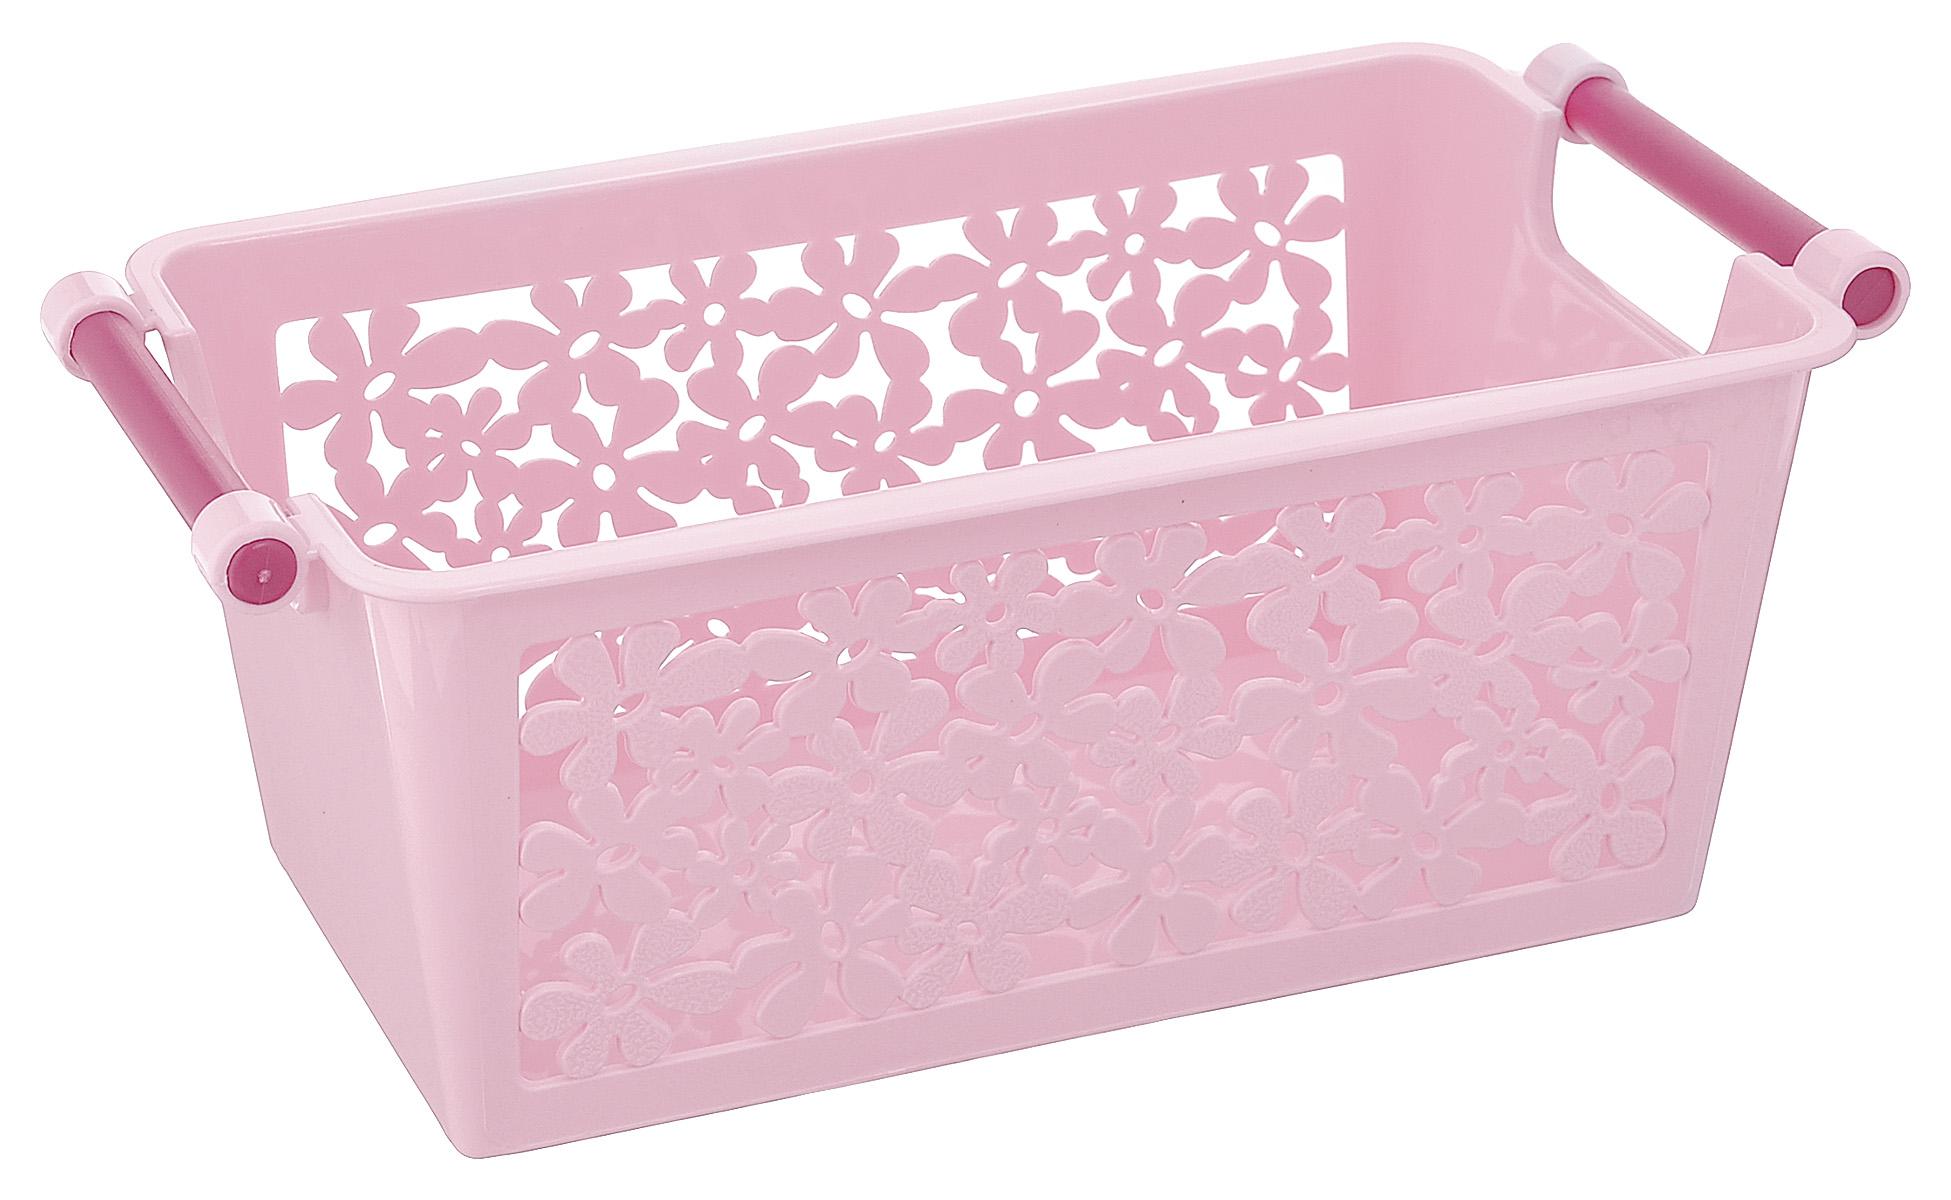 Корзина Альтернатива Романтика, цвет: розовый, фиолетовый, 23 см х 12 см х 9 смCLP446Универсальная корзина Романтика, выполненная из пластика, предназначена для хранения мелочей в ванной, на кухне, на даче или в гараже. Боковые стенки перфорированные. Корзина позволяет хранить мелкие вещи, исключая возможность их потери.